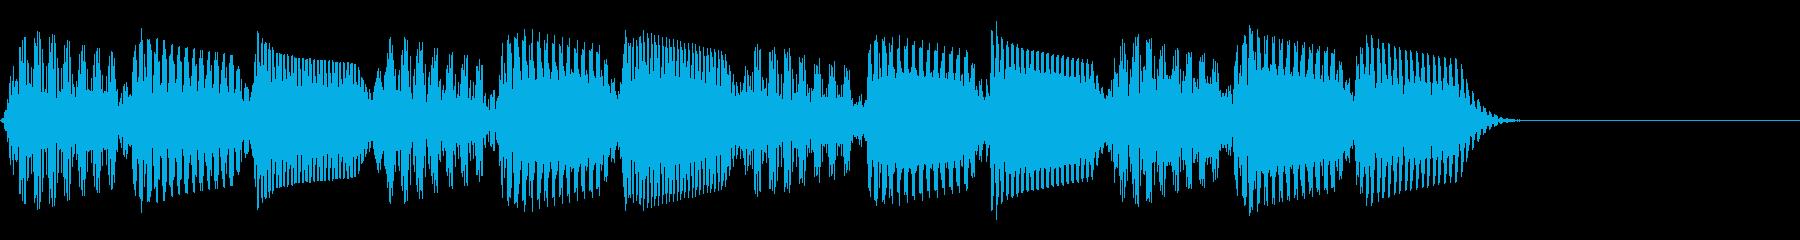 レトロでかっこいいテクノな効果音/シンセの再生済みの波形